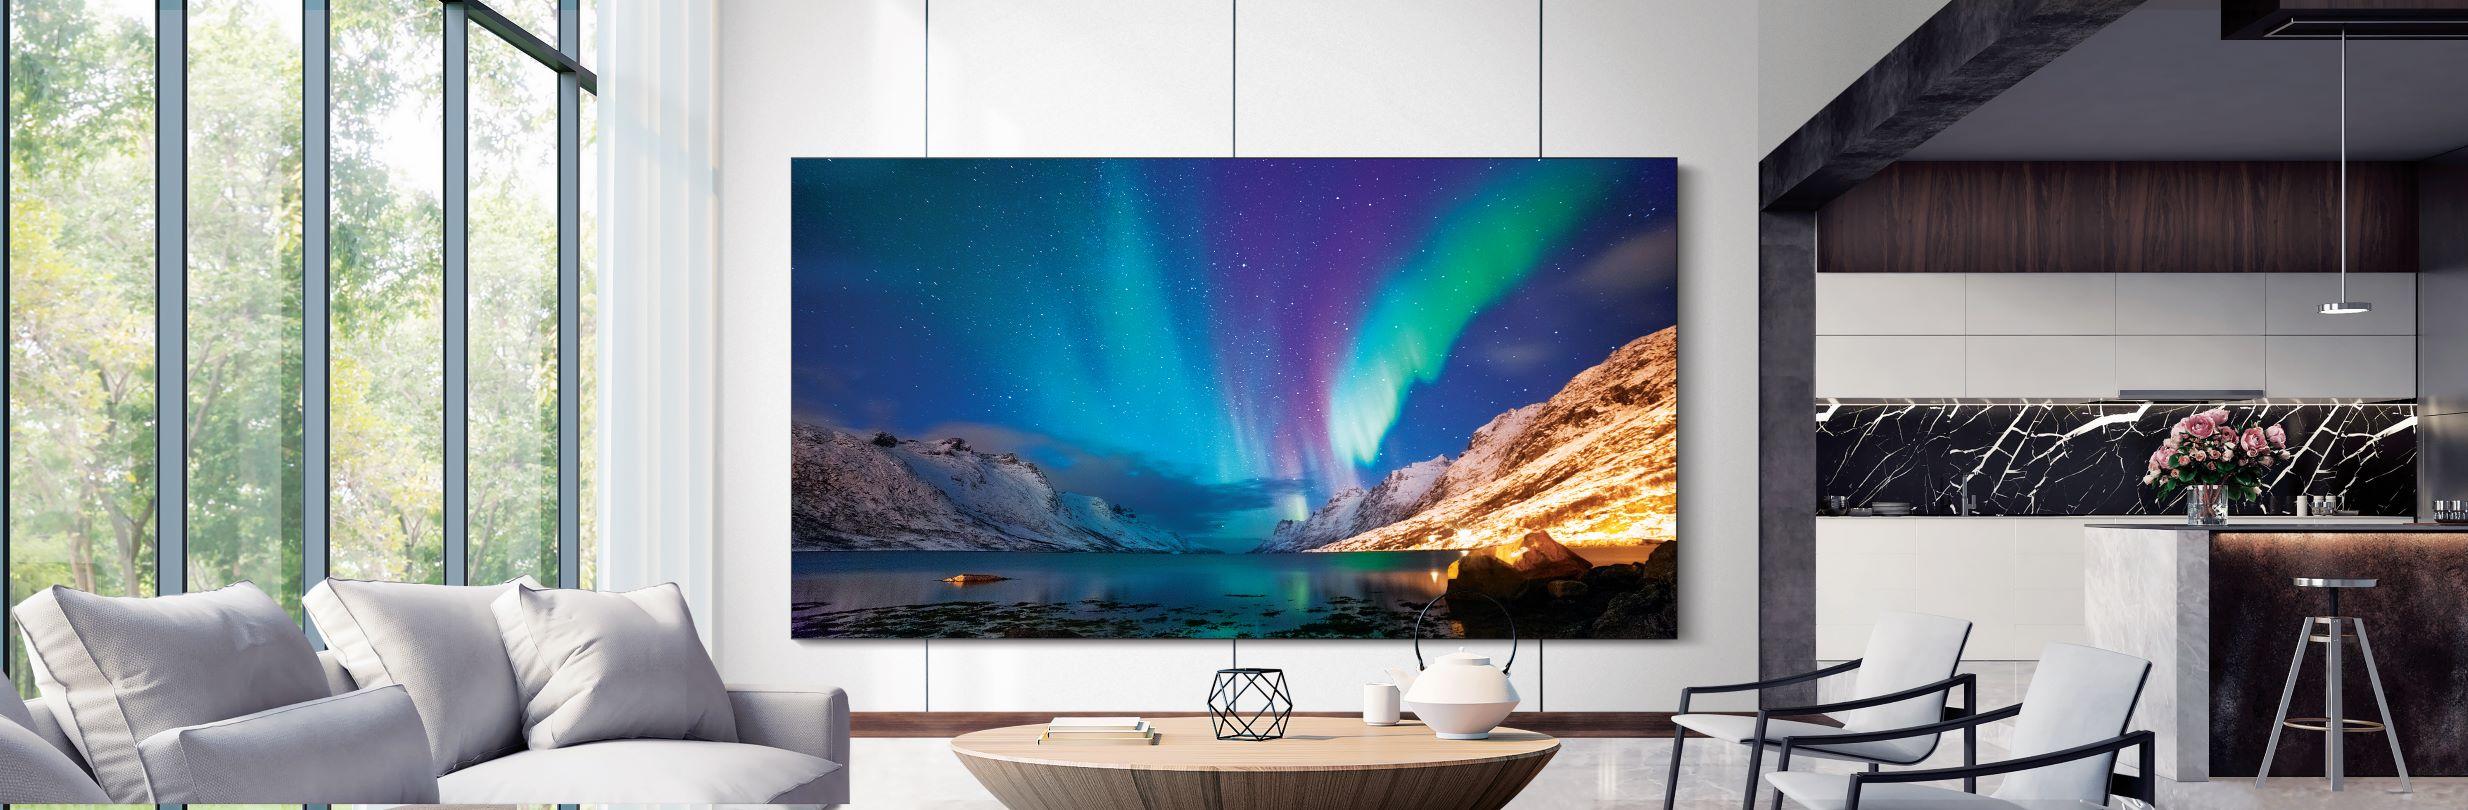 Samsung foi a marca que mais TVs vendeu no terceiro trimestre de 2020 0